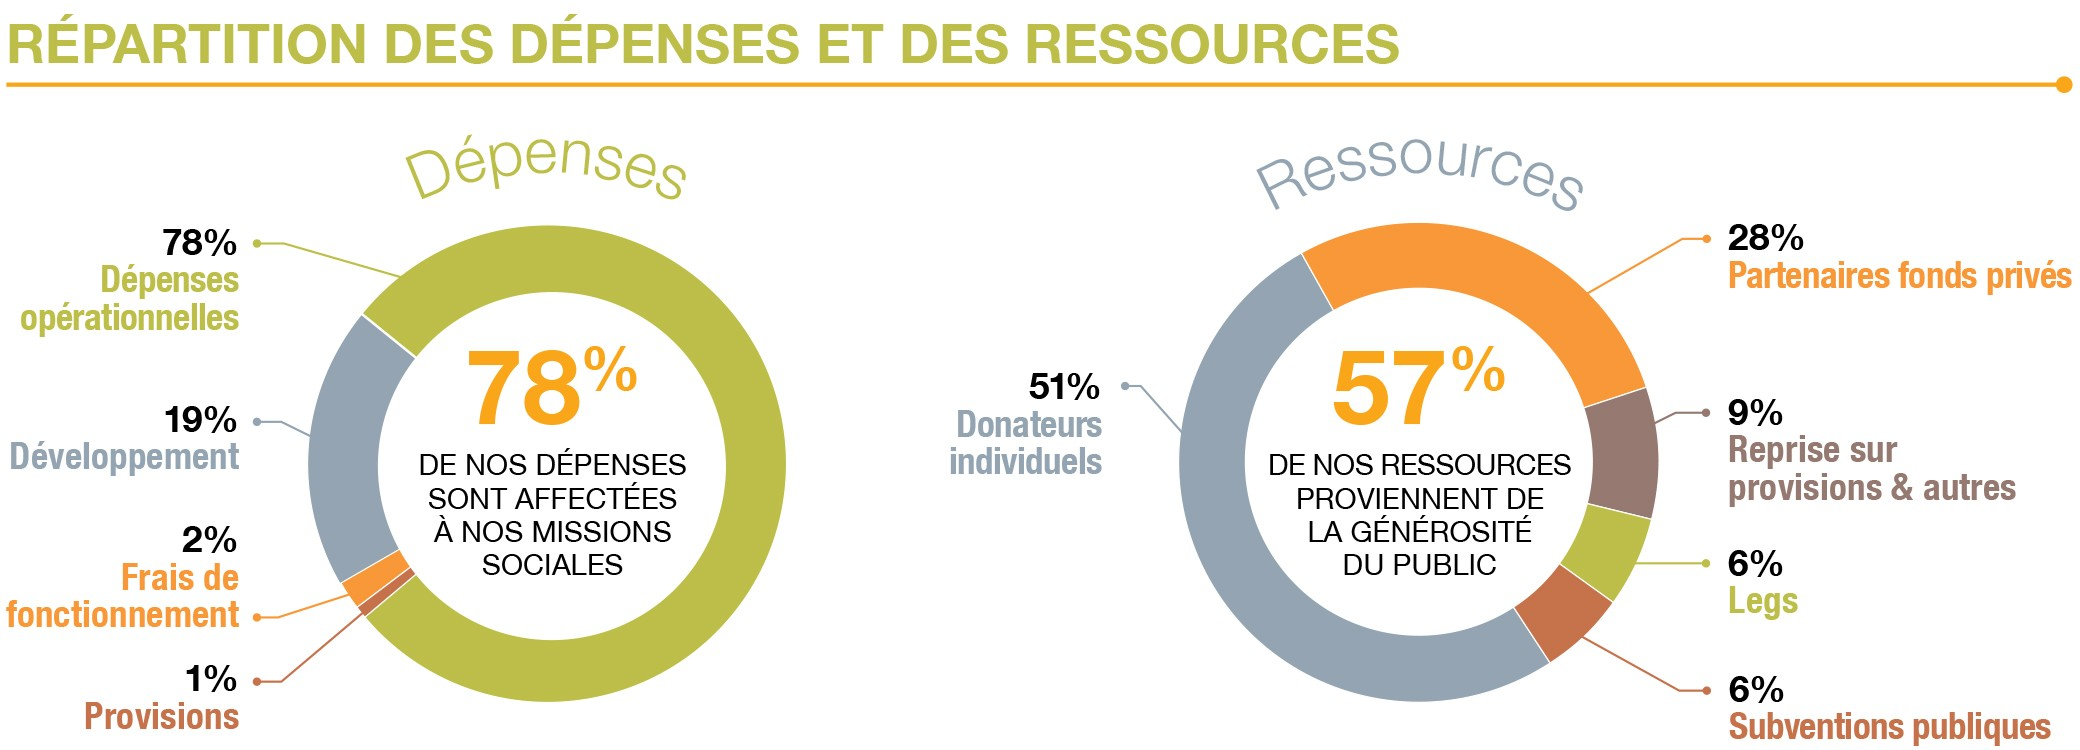 Répartition des dépenses et des ressources 2015